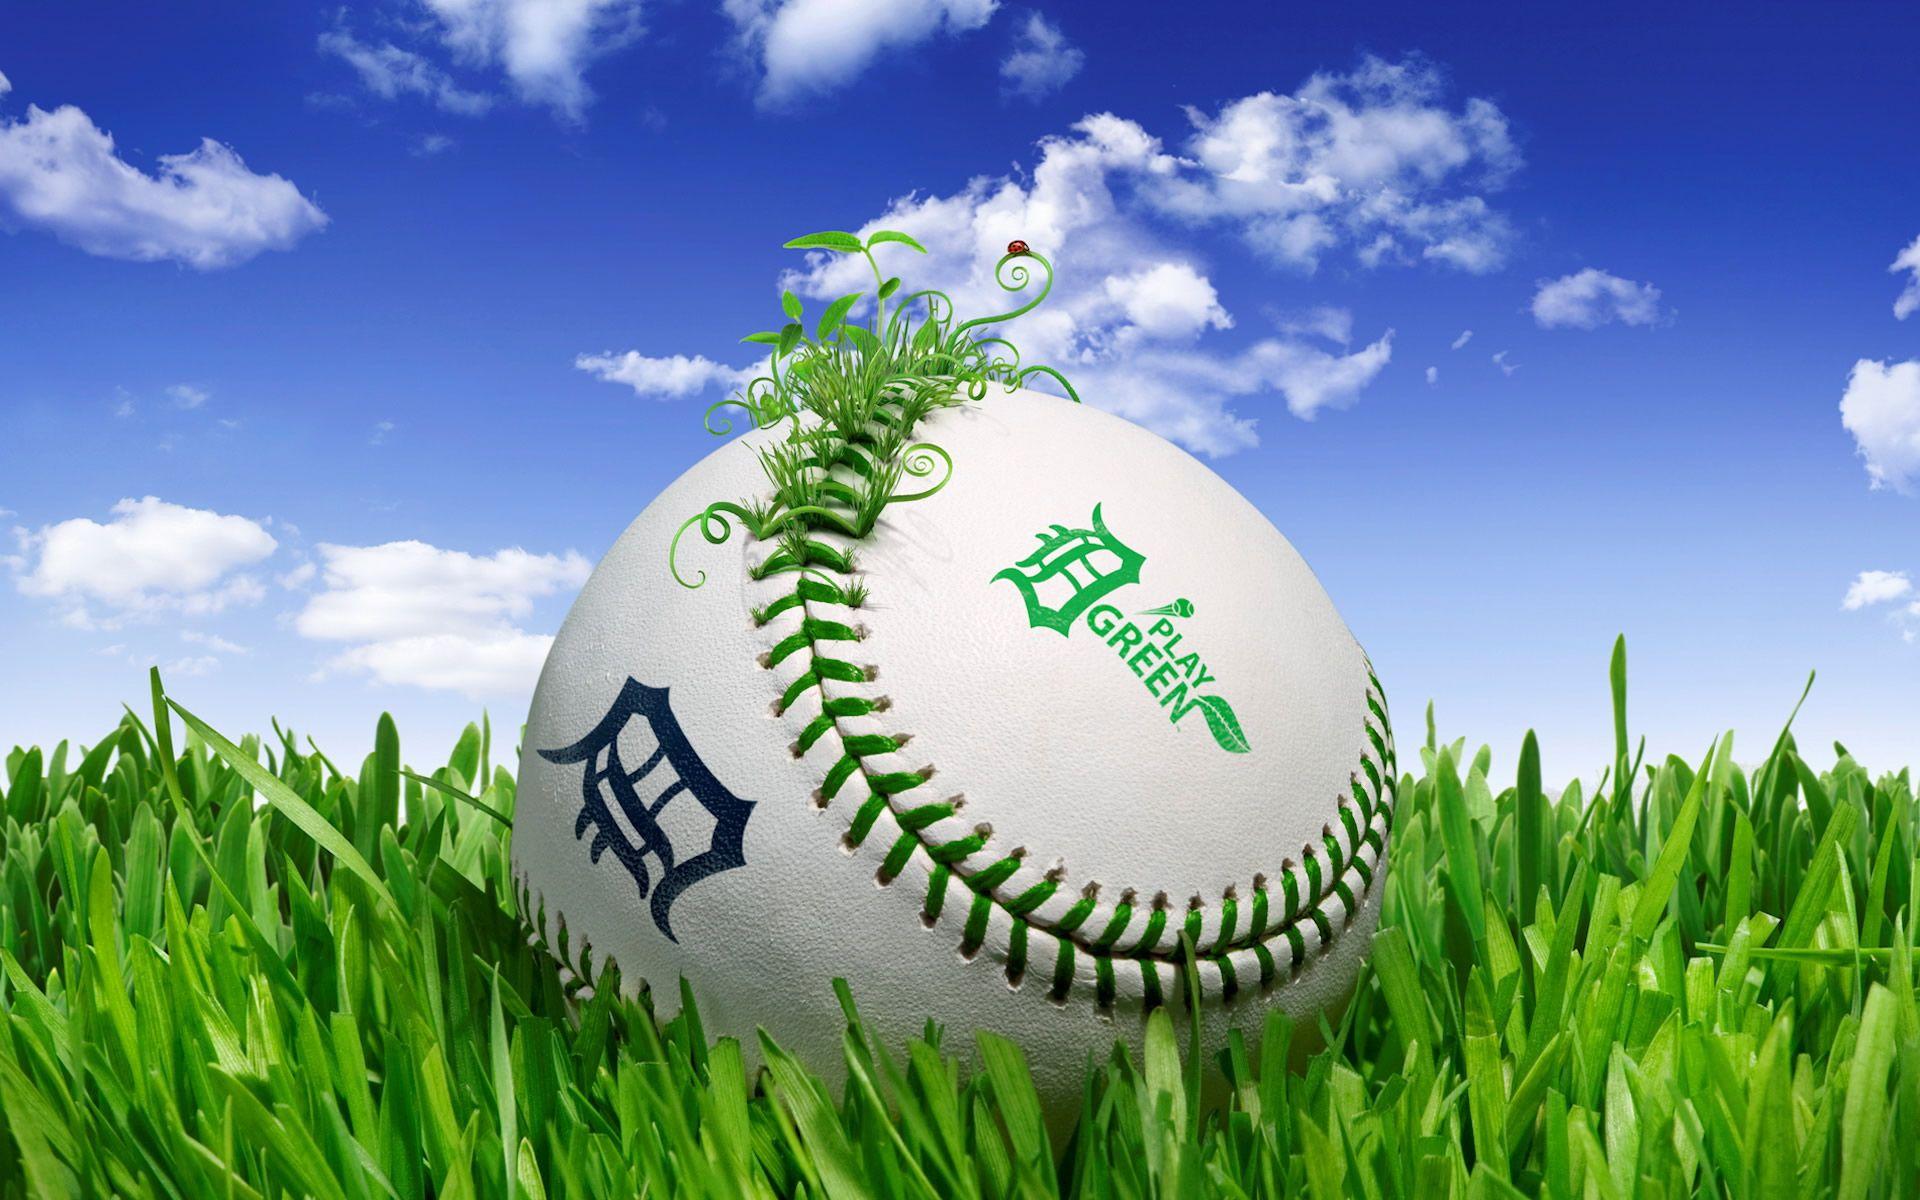 Pelota de béisbol, sobre la grama. Wallpaper. Pelota de